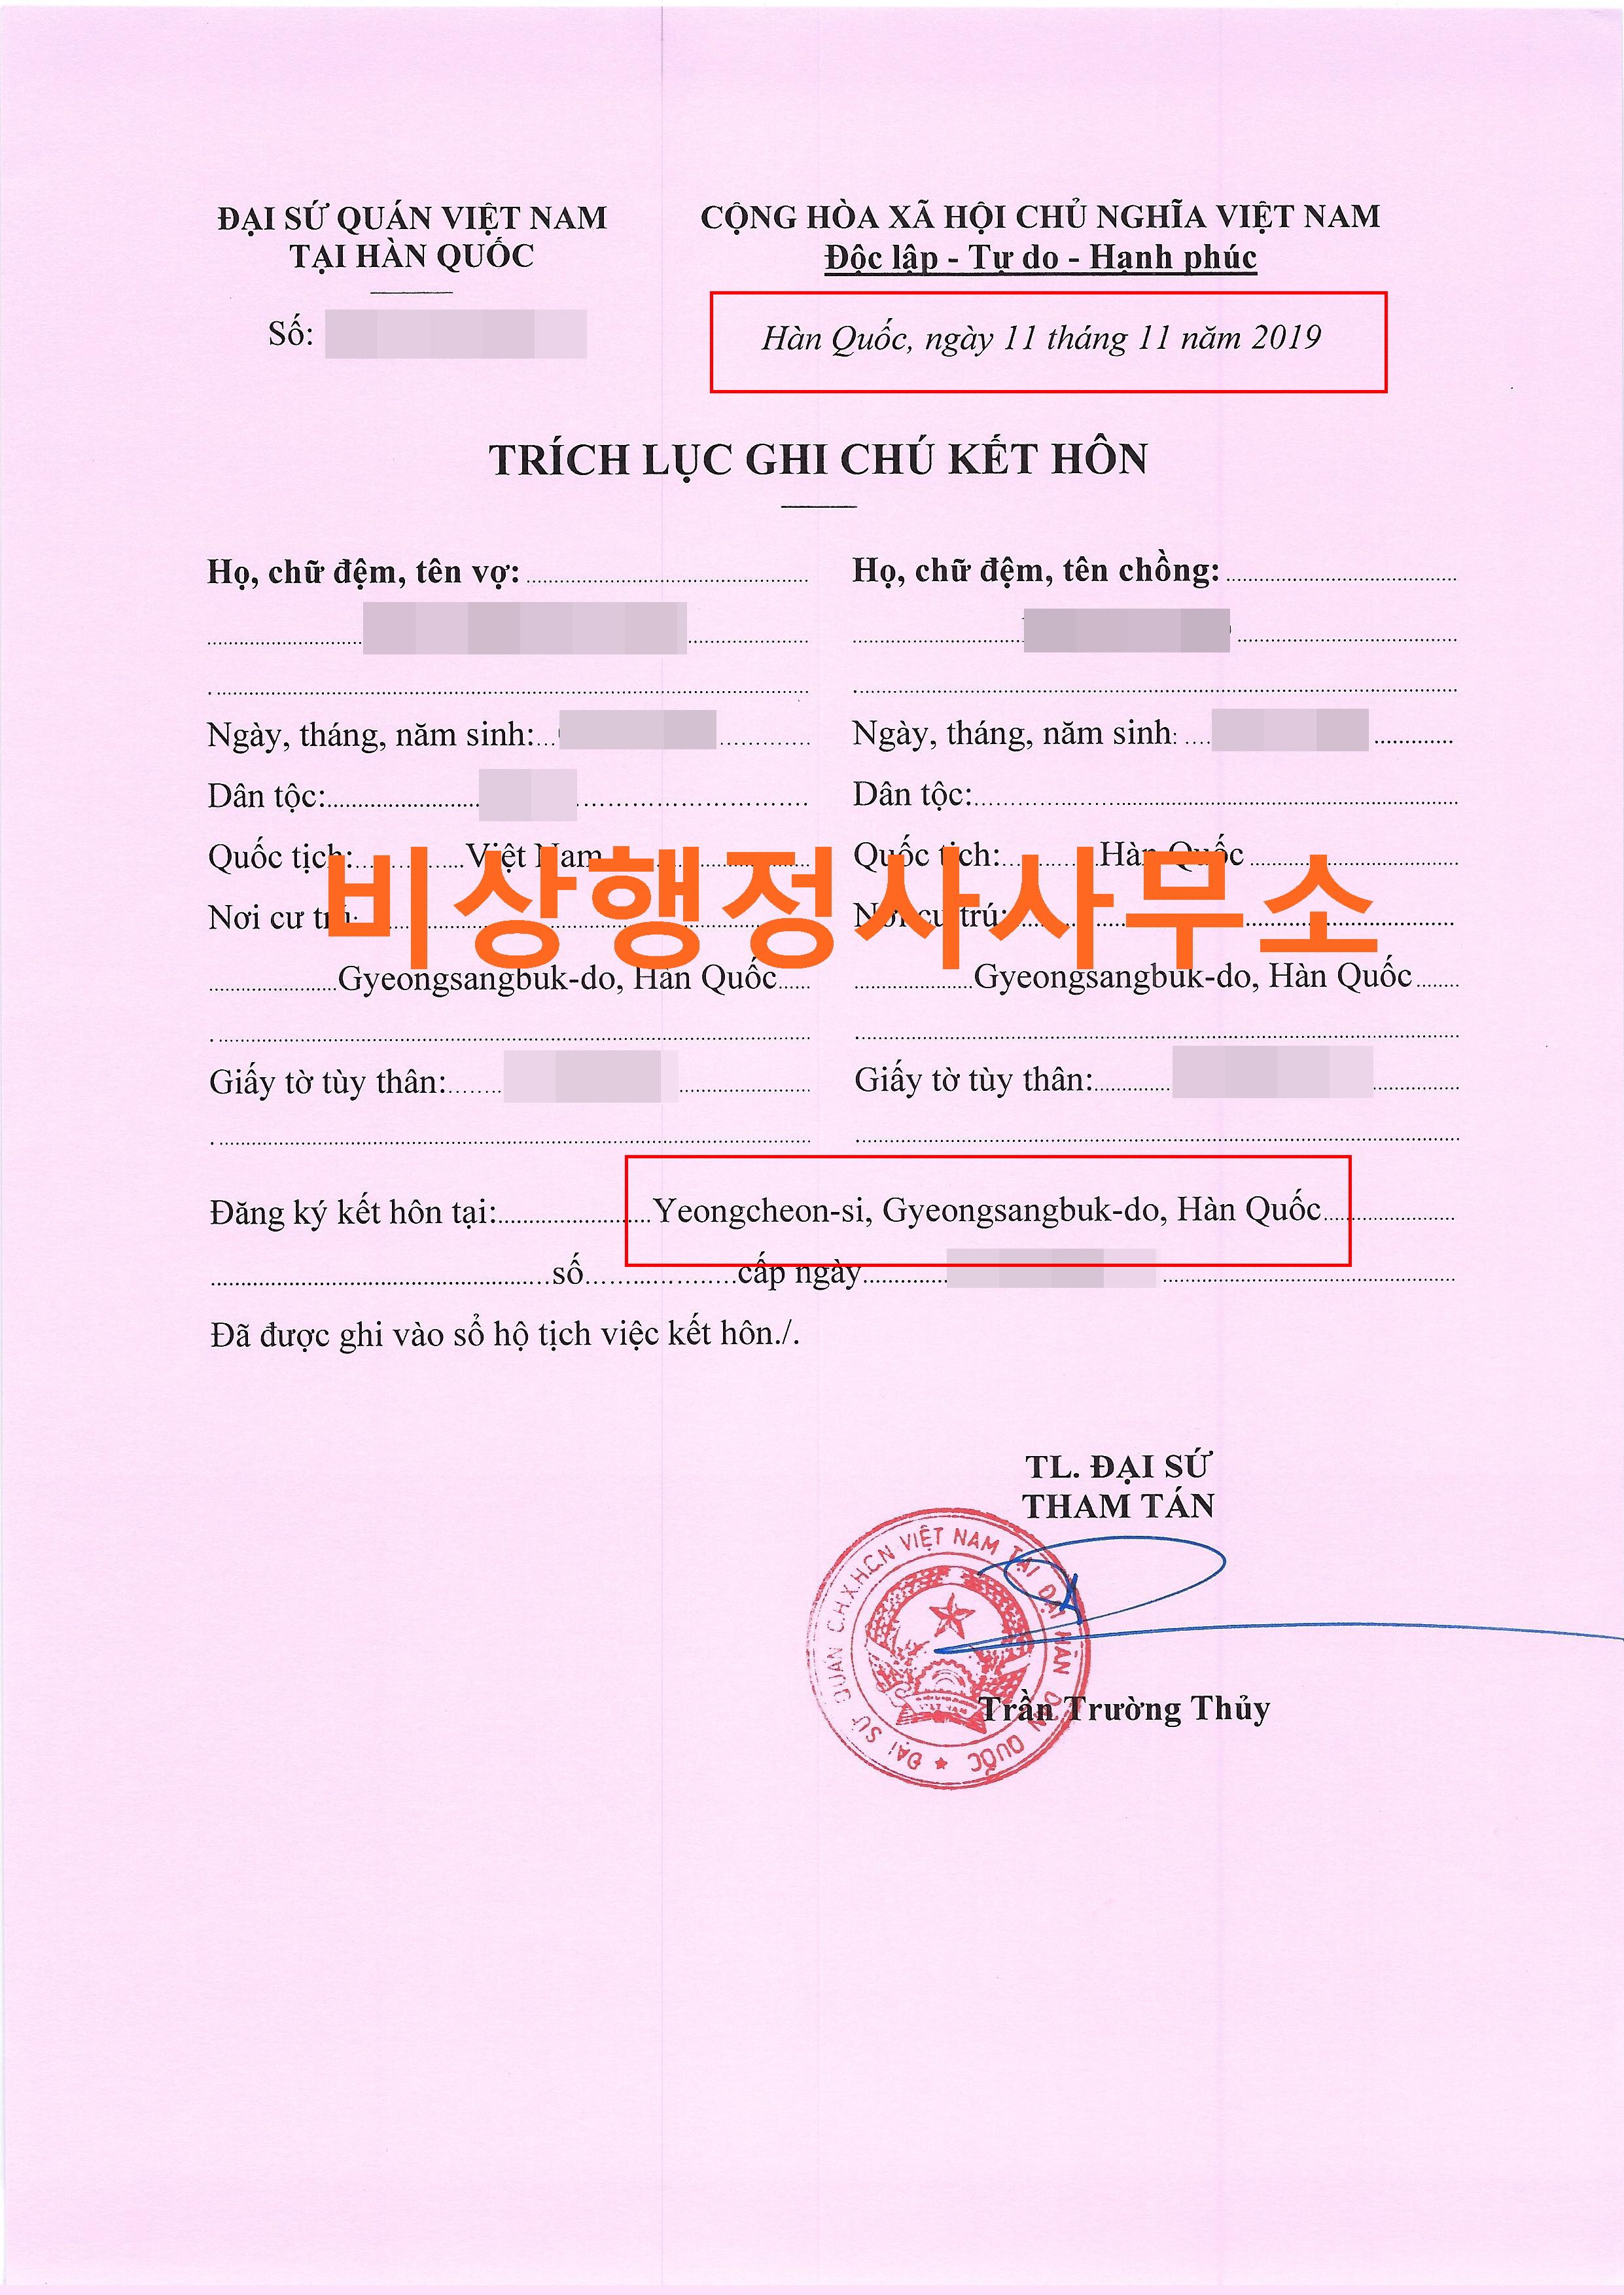 베트남결혼증명서1.jpg